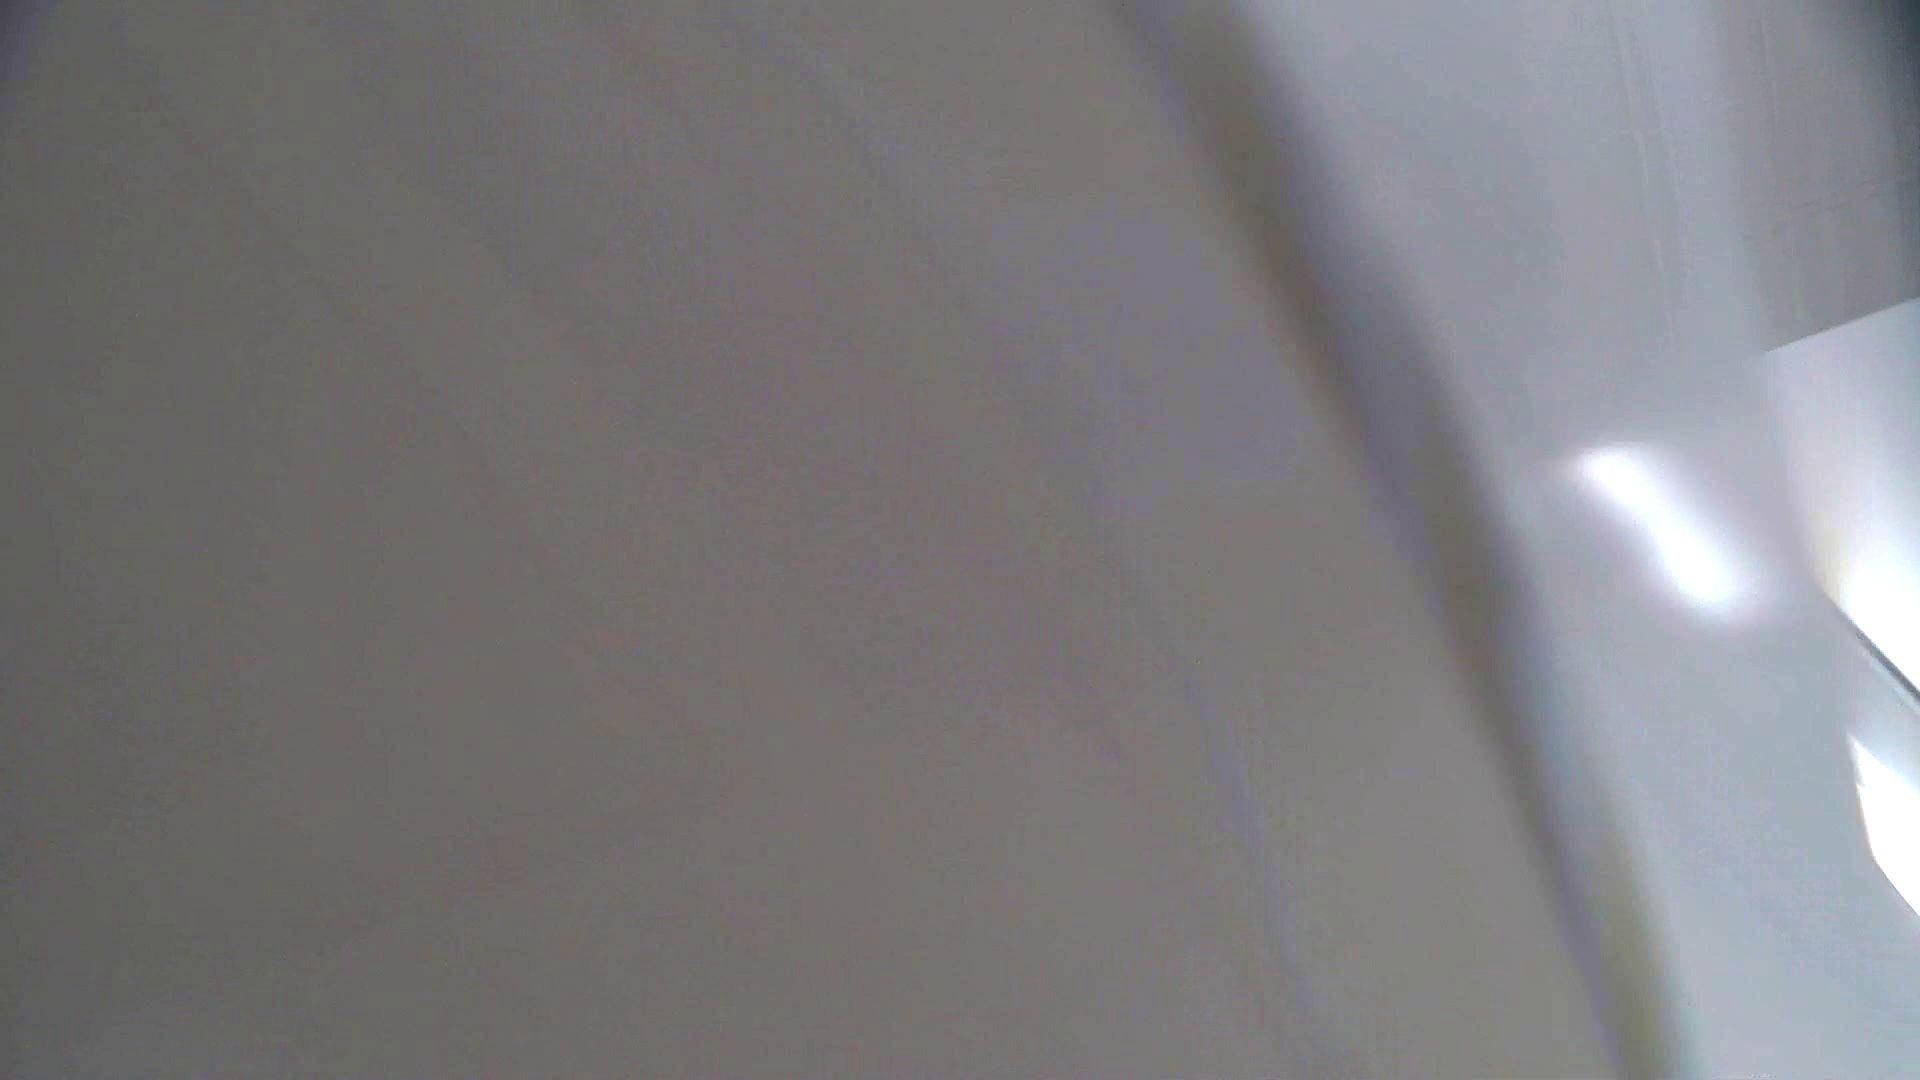 vol.03 命がけ潜伏洗面所! 薄毛がたまりません。 潜入 おまんこ動画流出 86連発 28